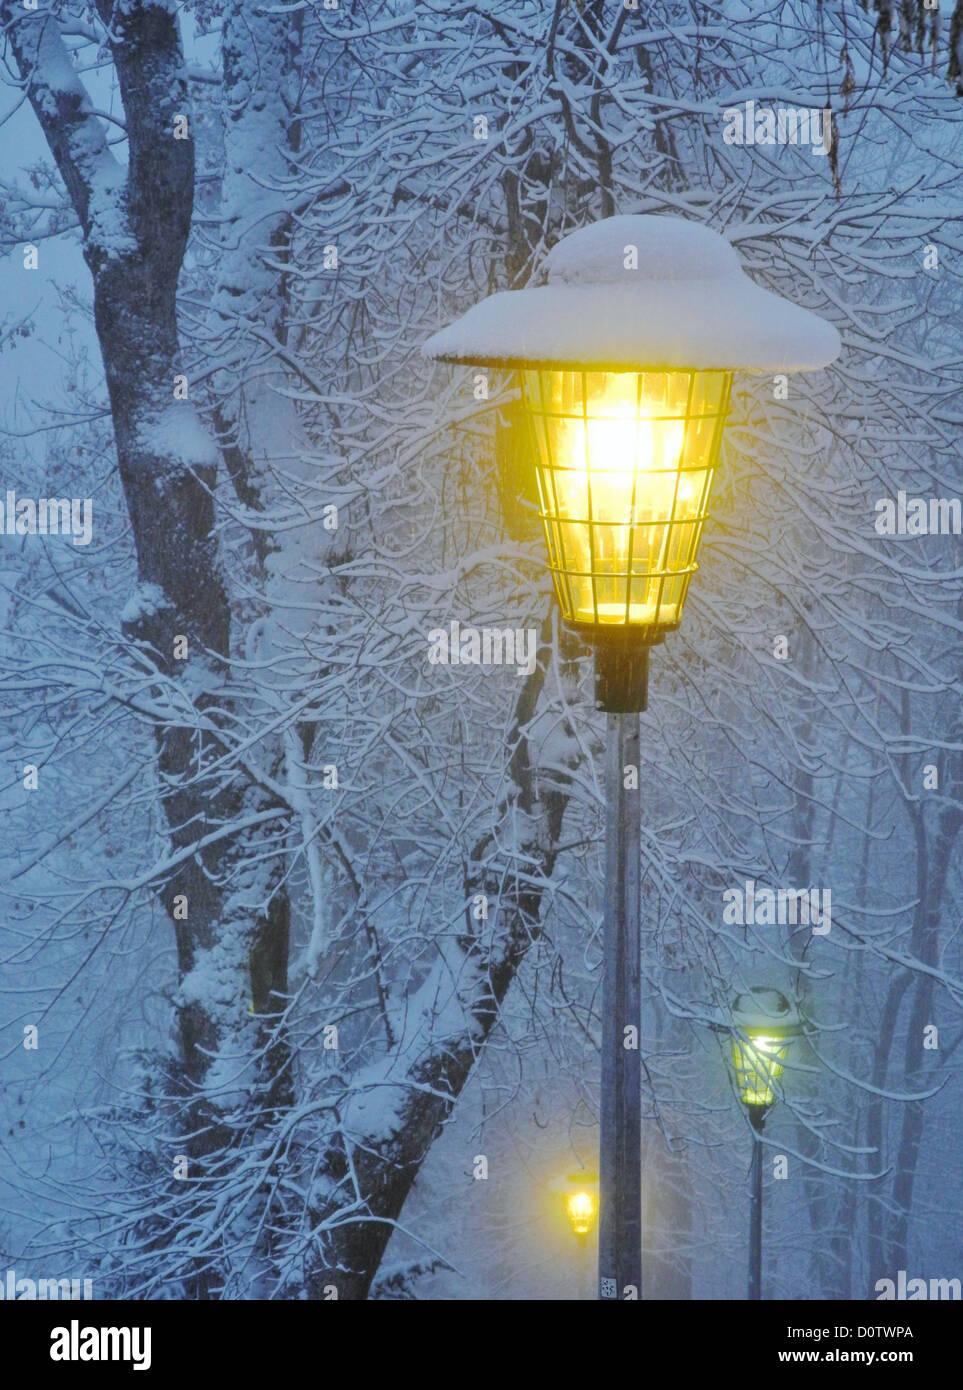 Switzerland, Europe, Leysin, winter, snow, cold, lantern